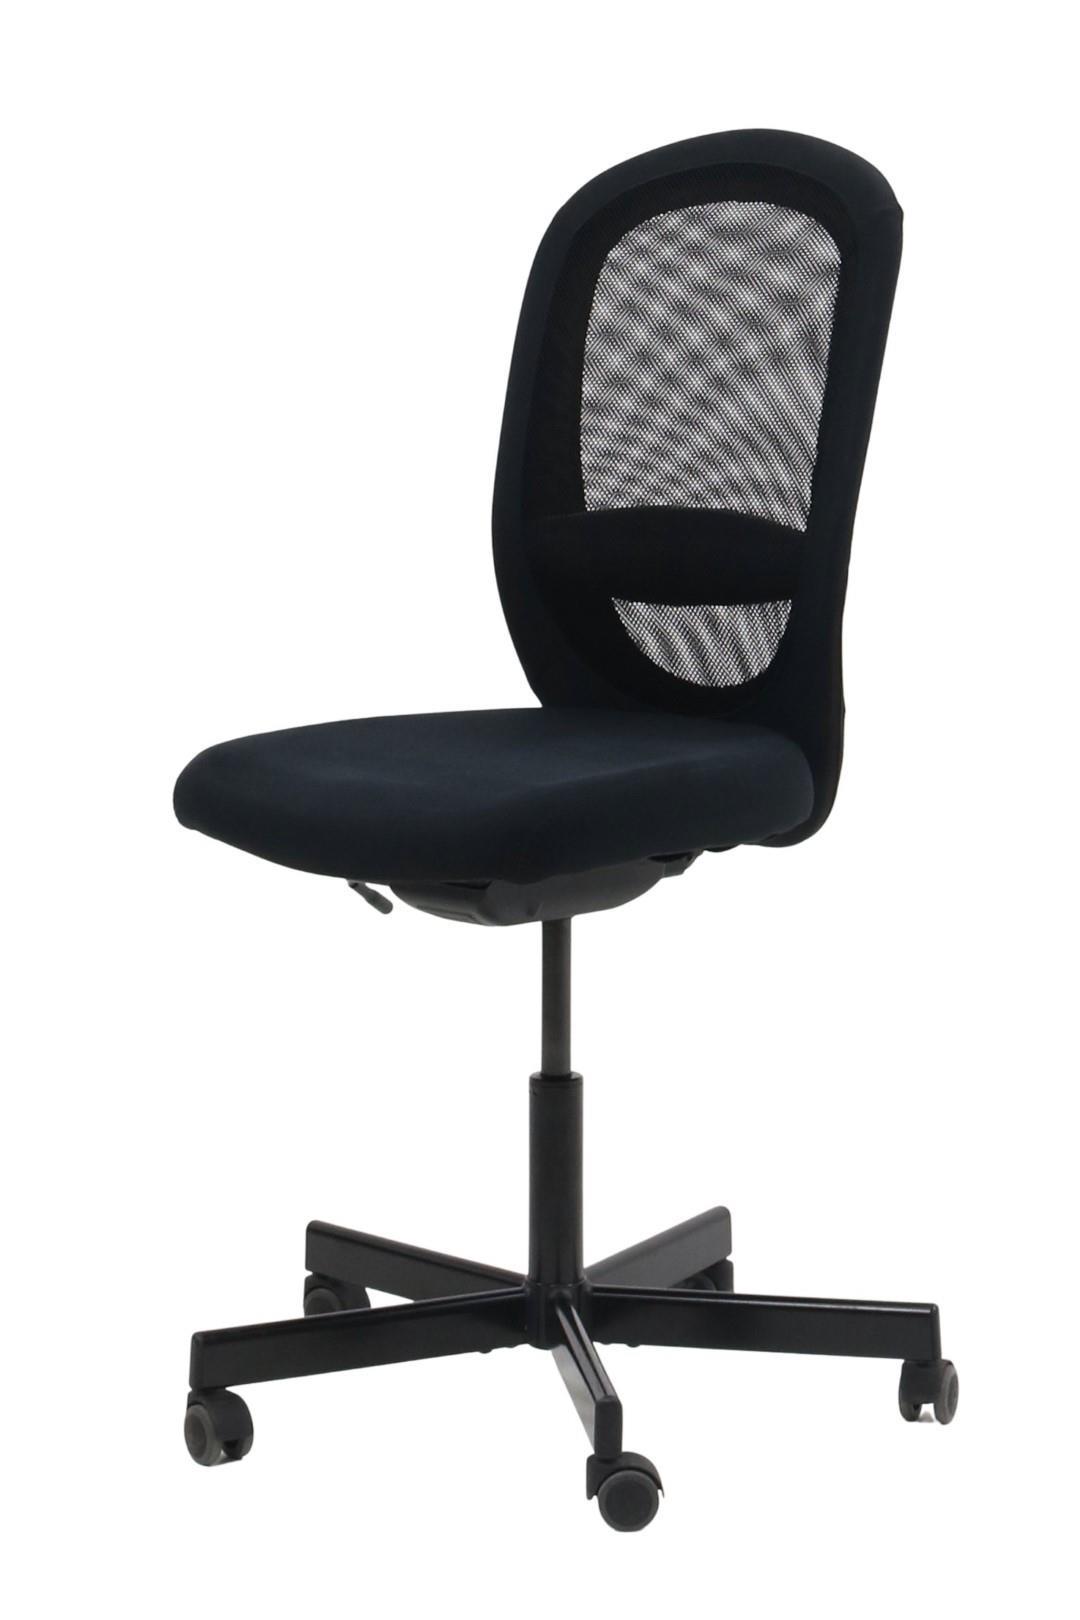 IKEA – FLINTAN – KONTORSTOL (SORT)